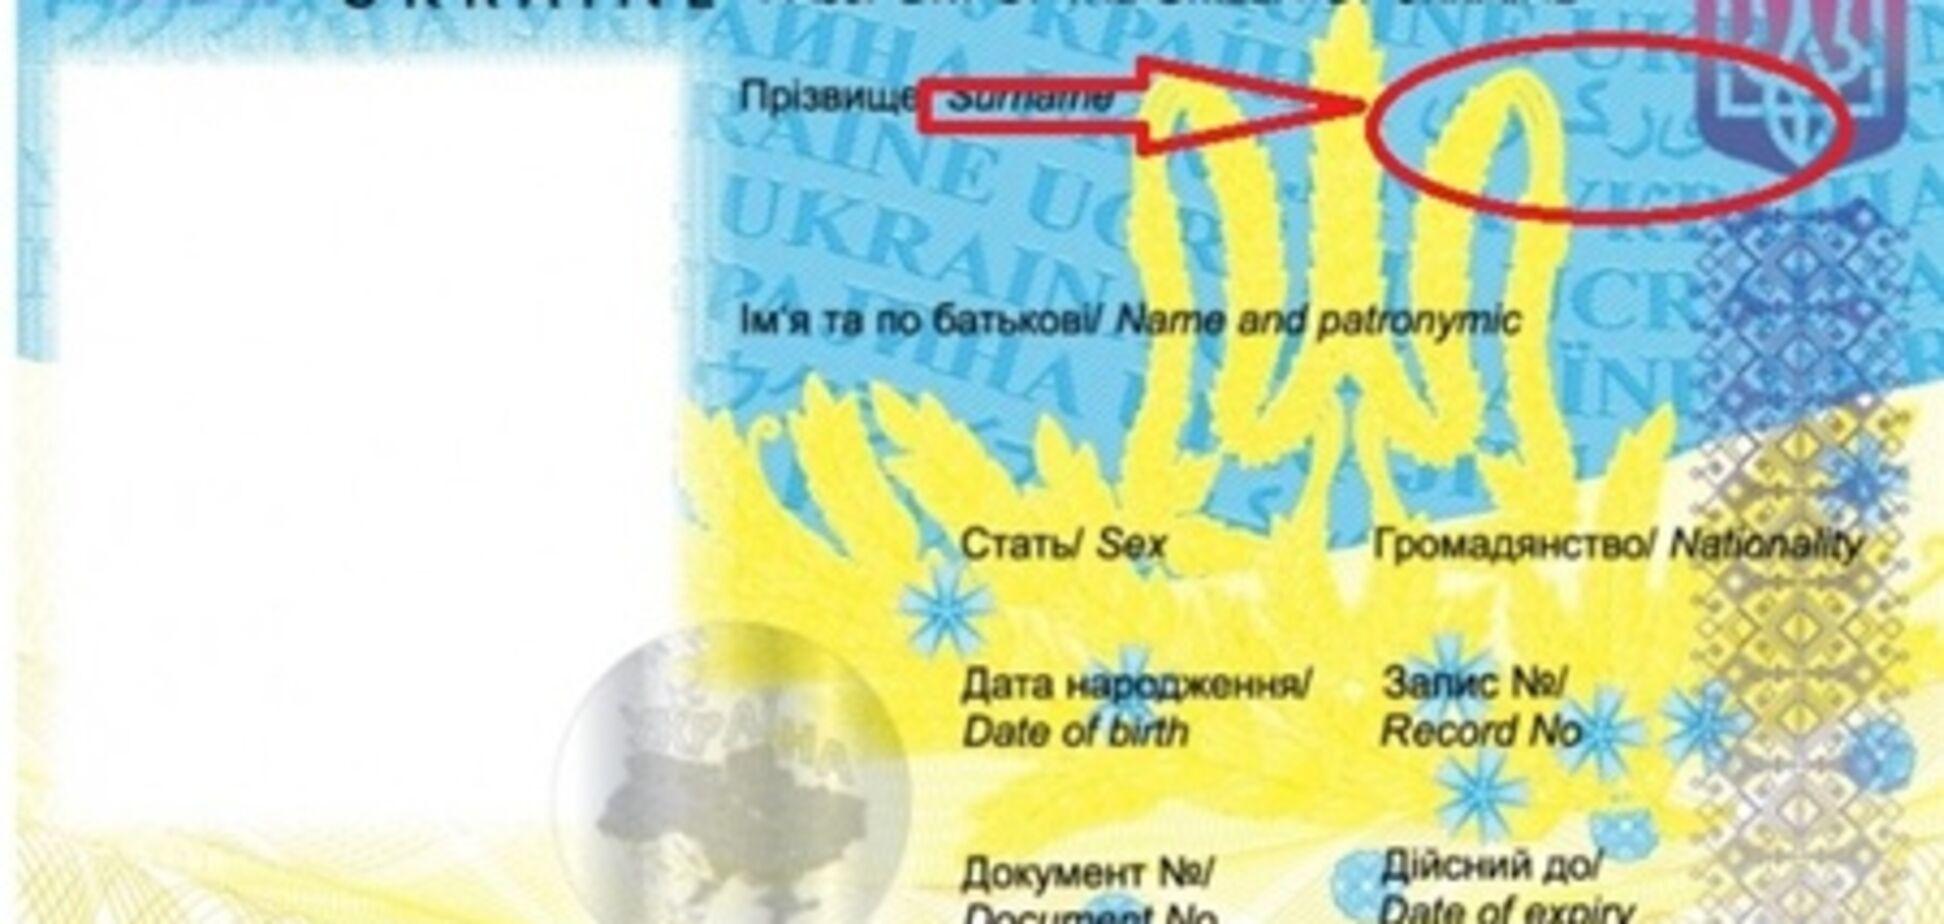 В биометрическом паспорте Украина стала 'УРКАиной'. Фото